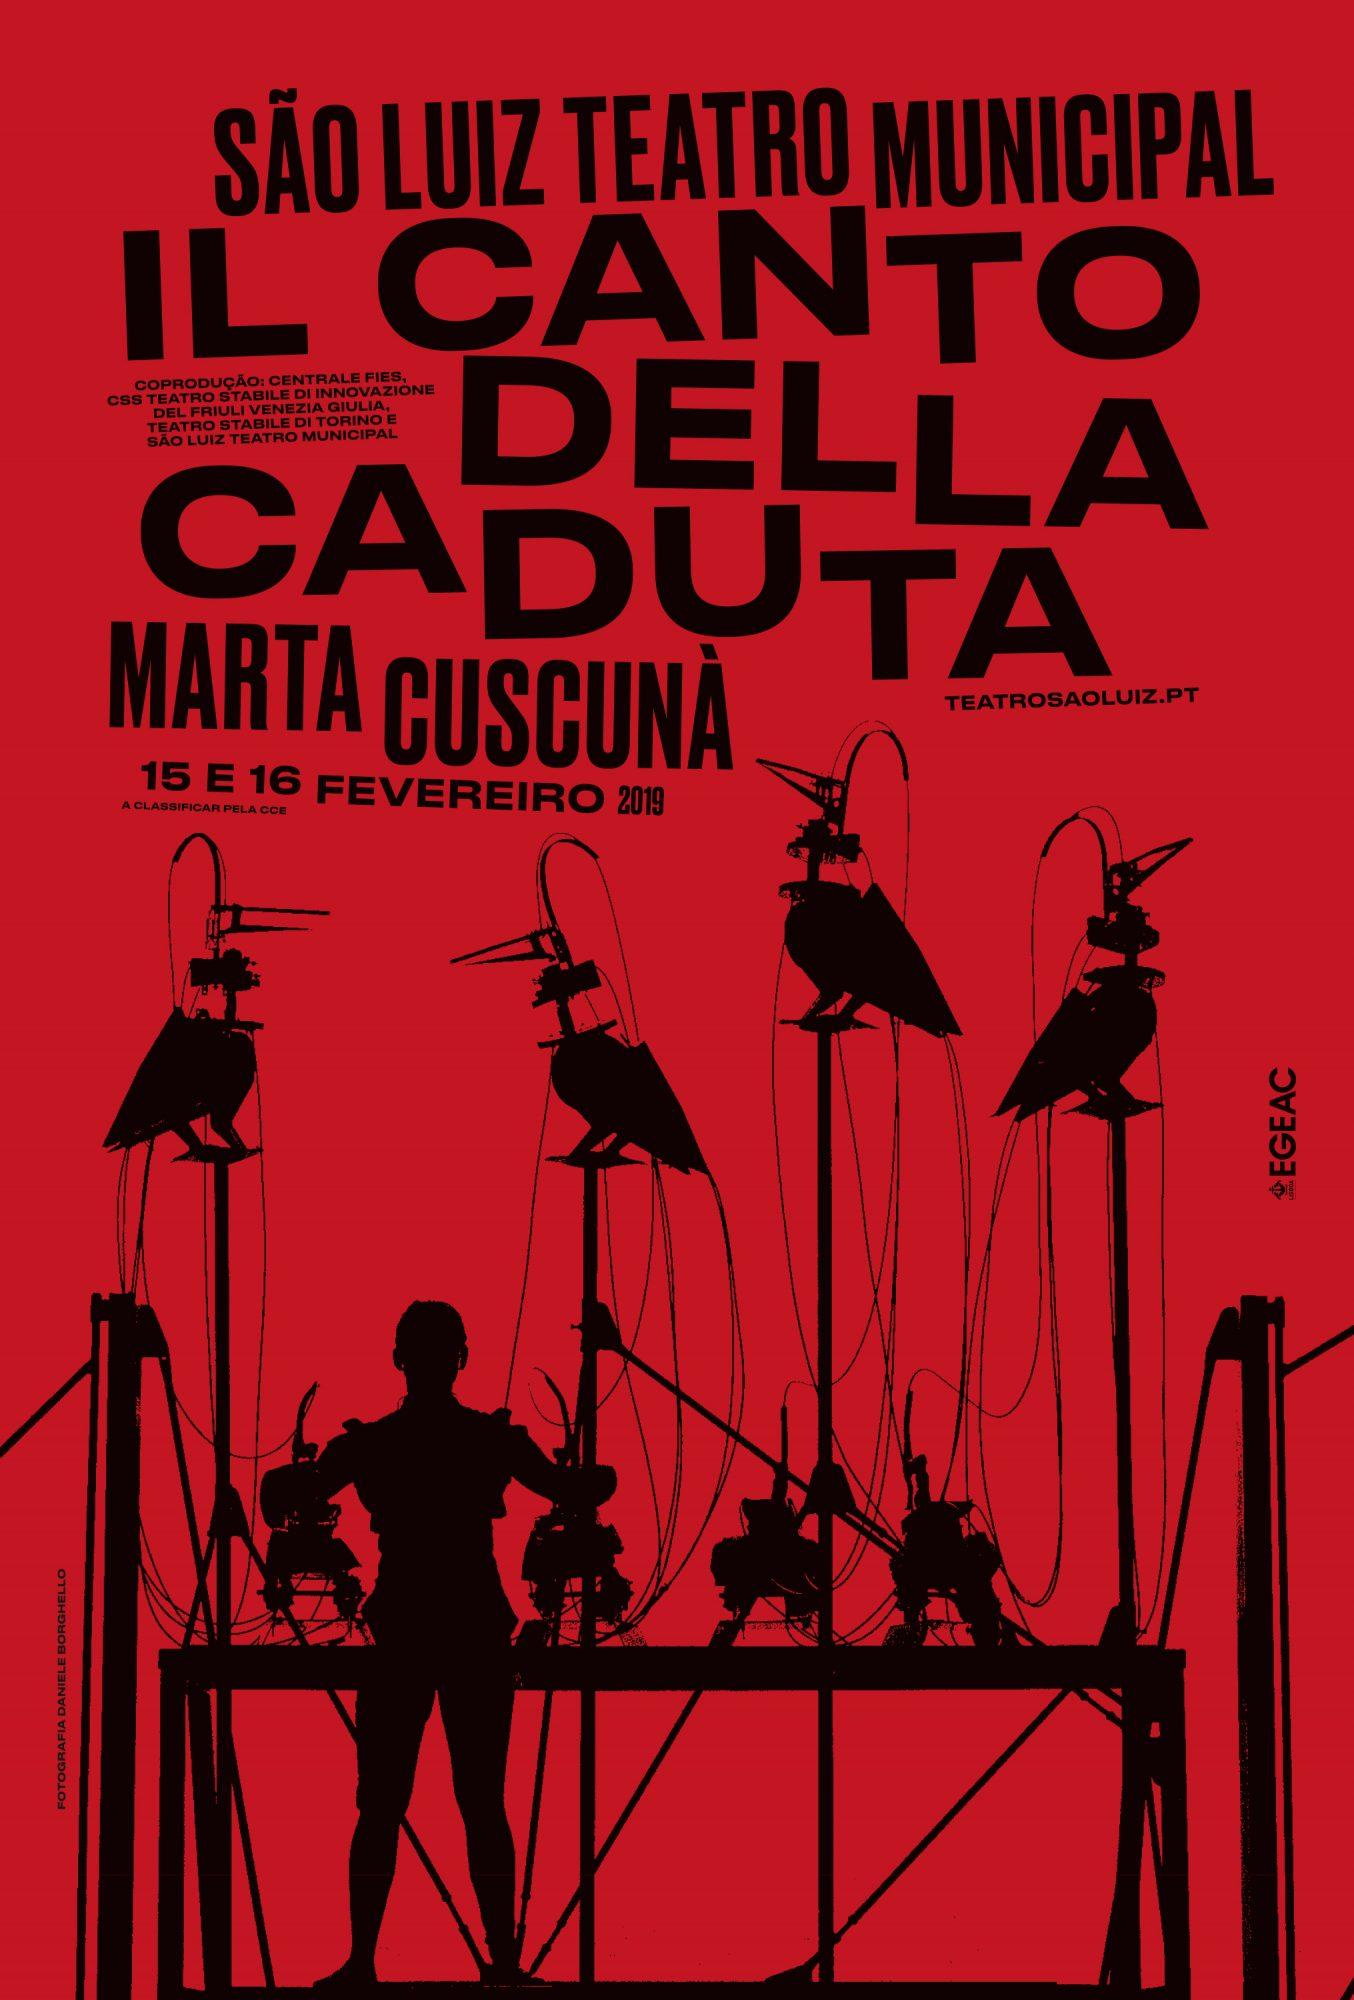 Il Canto Della Caduta, fevereiro 2019